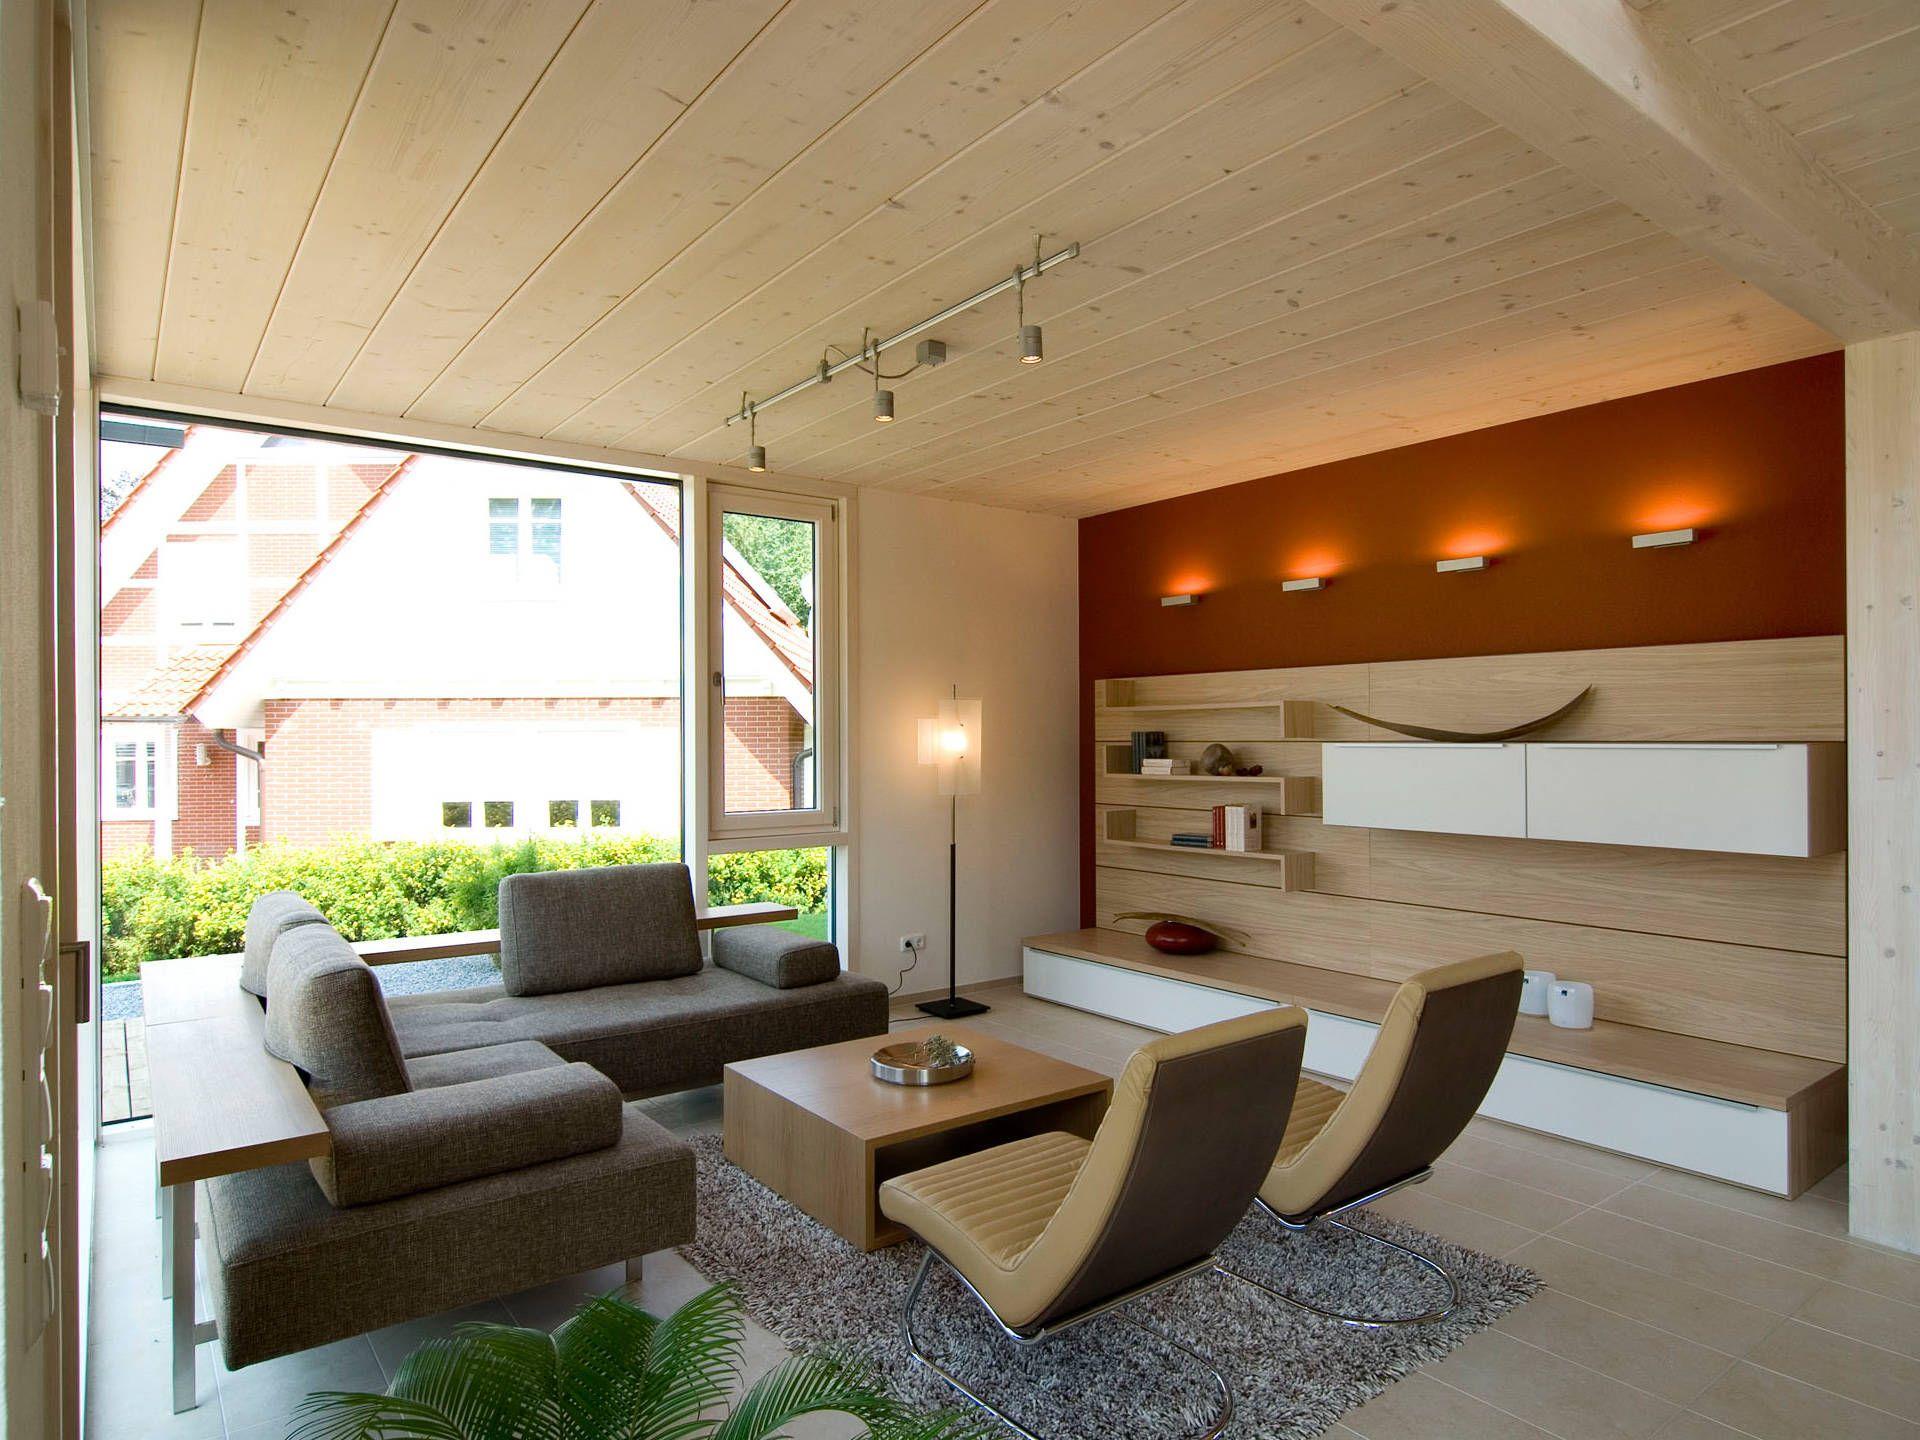 Wohnbereich im Musterhaus Bad Vilbel von Frammelsberger Holzhaus ...